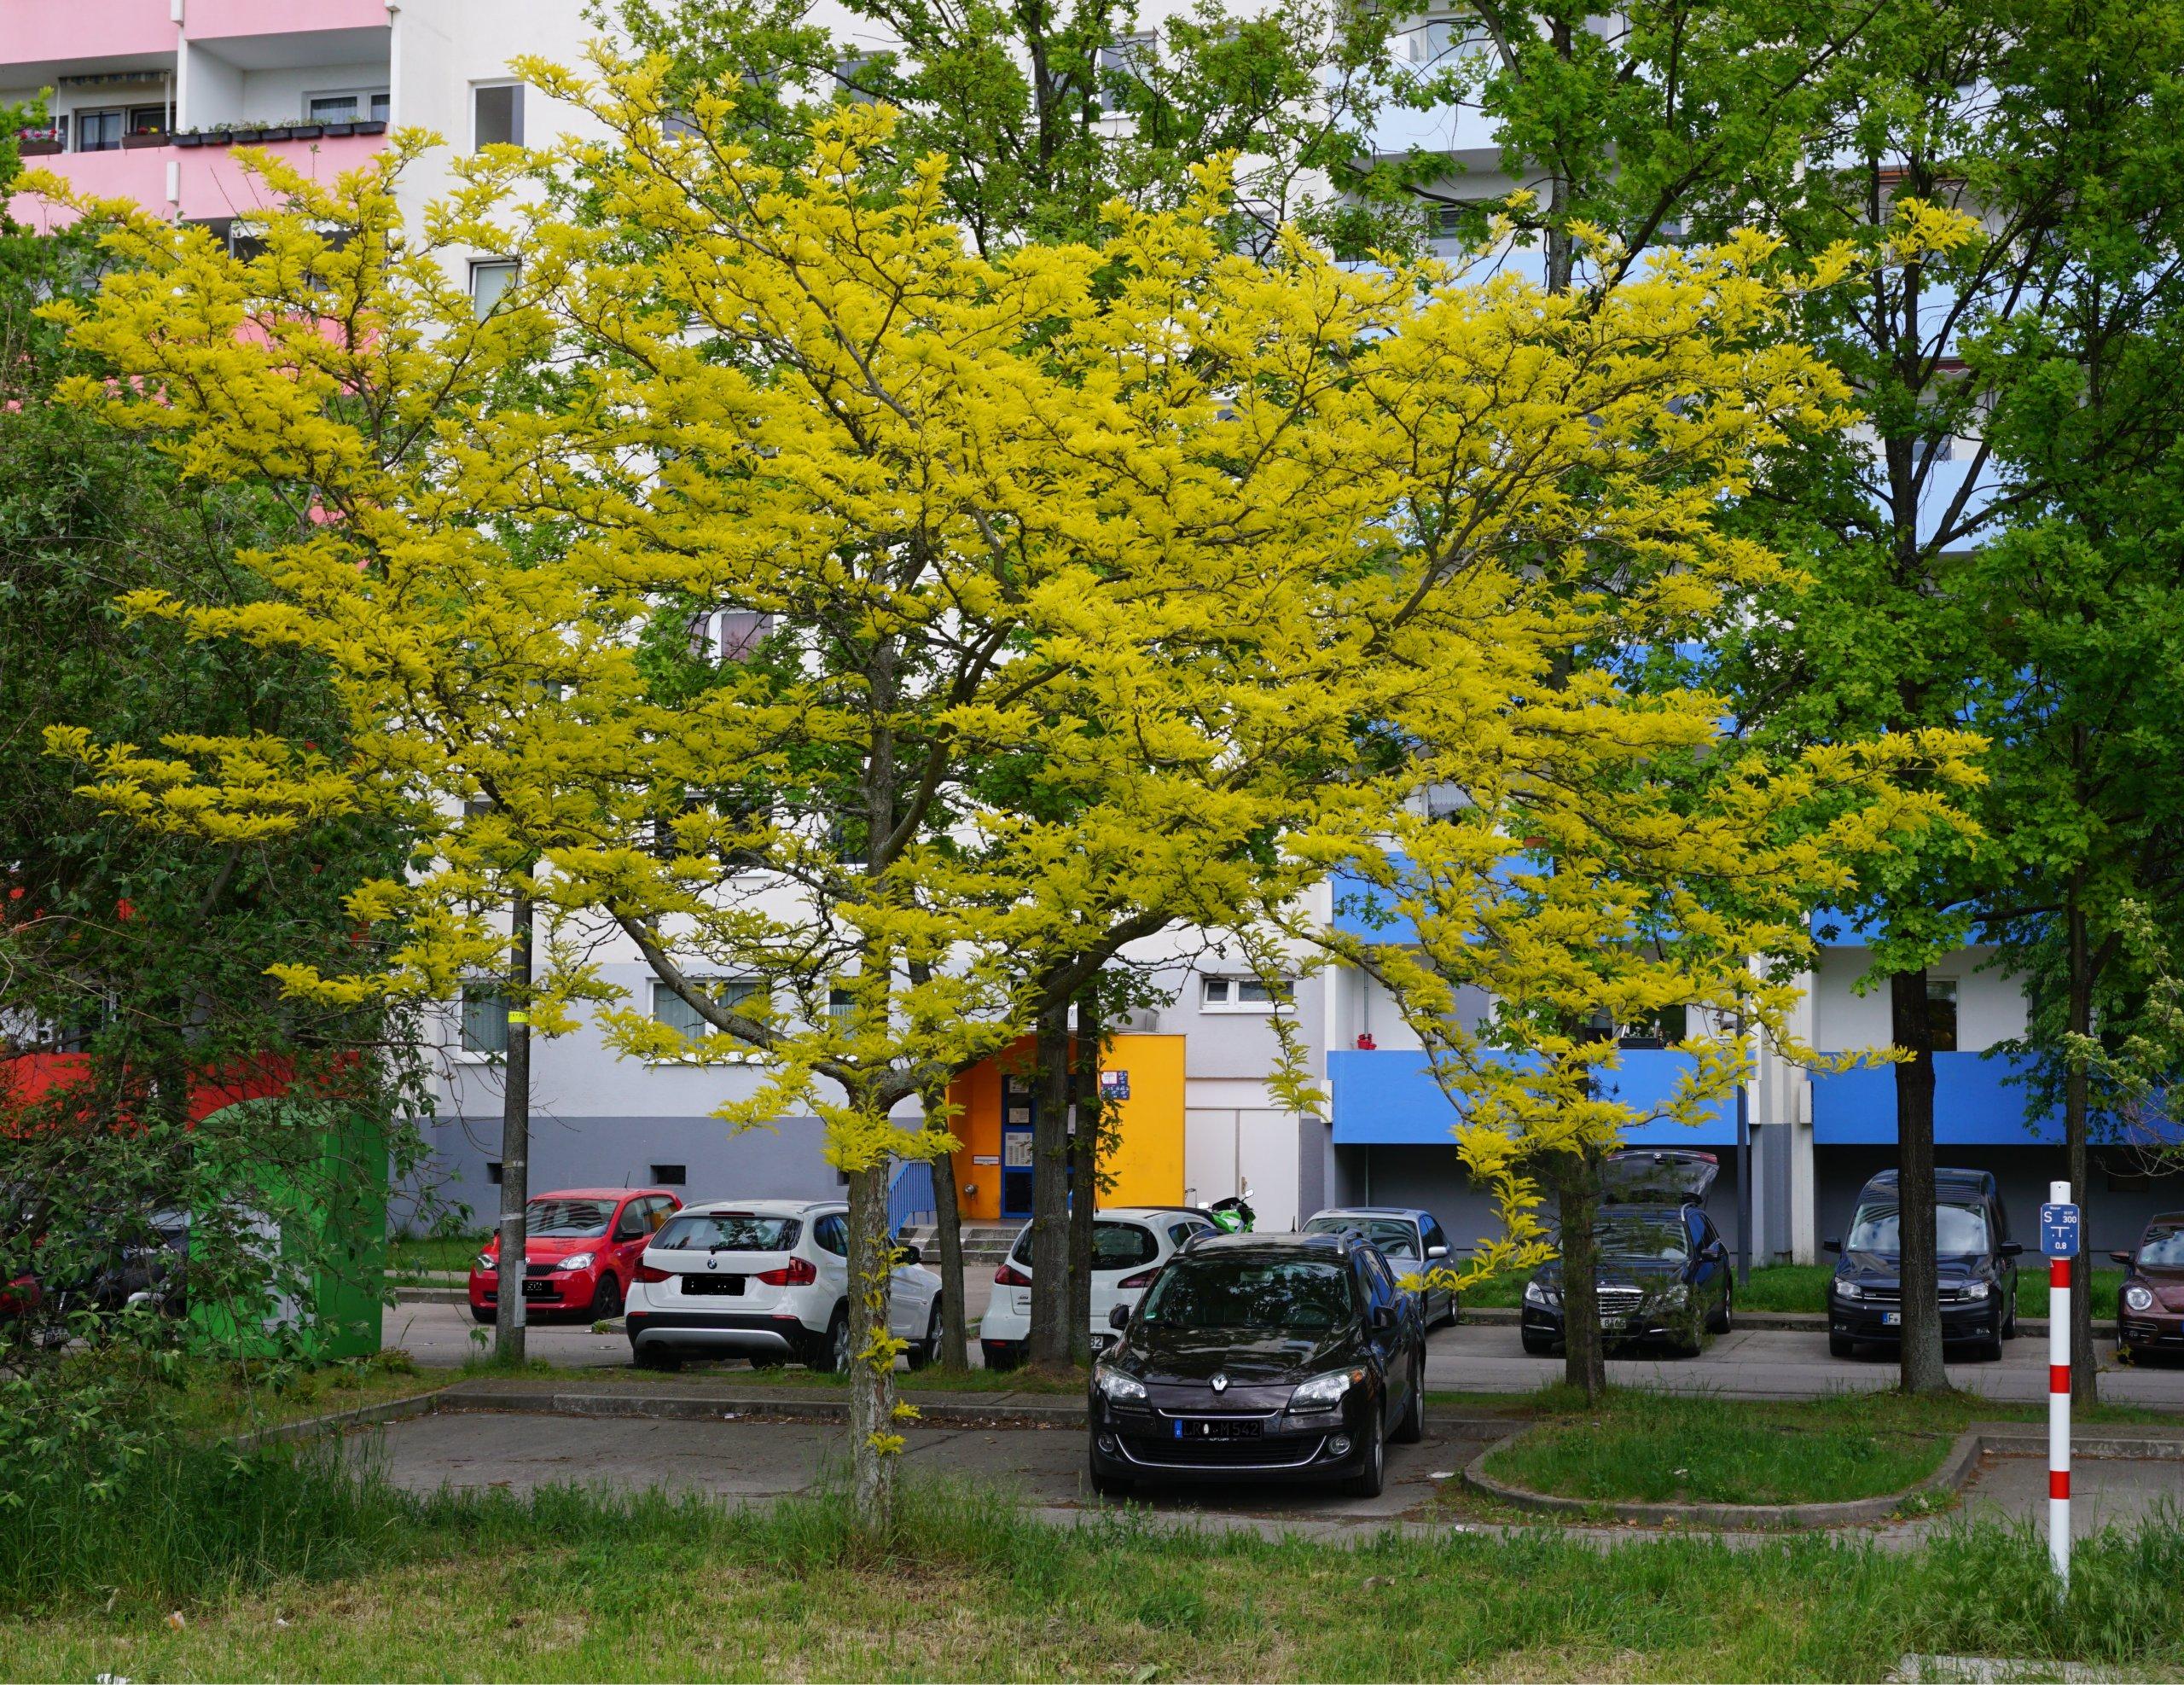 Das Bild zeigt das gelbgrüne junge Laub einer Gleditschie an der Schönefelder Chaussee am Kosmosviertel im Mai.